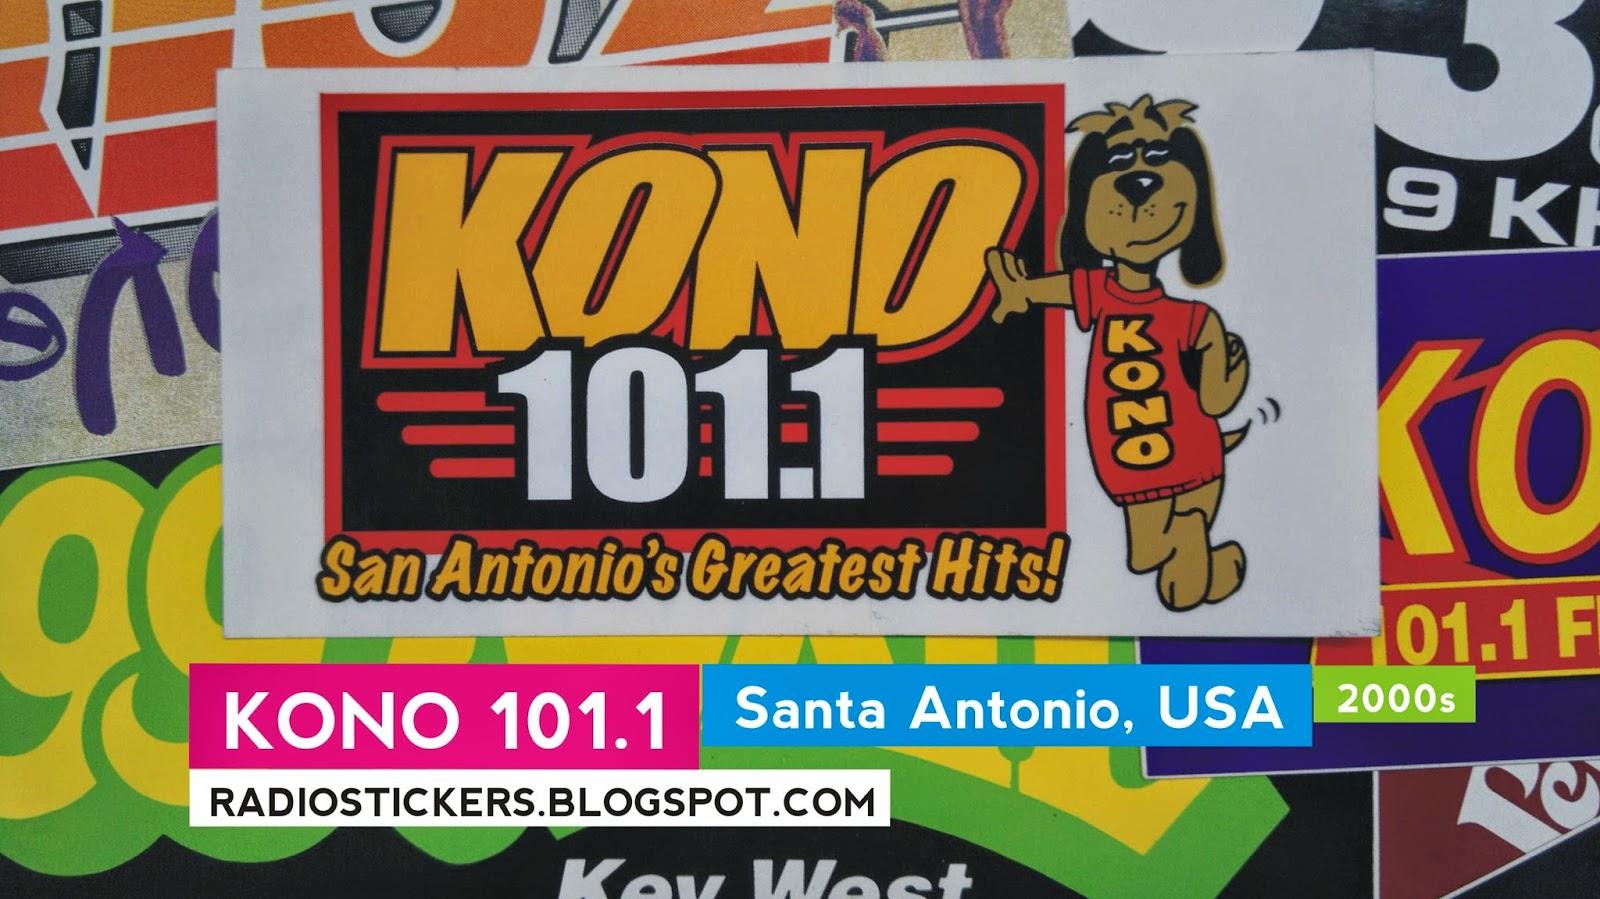 I Heart Radio Station